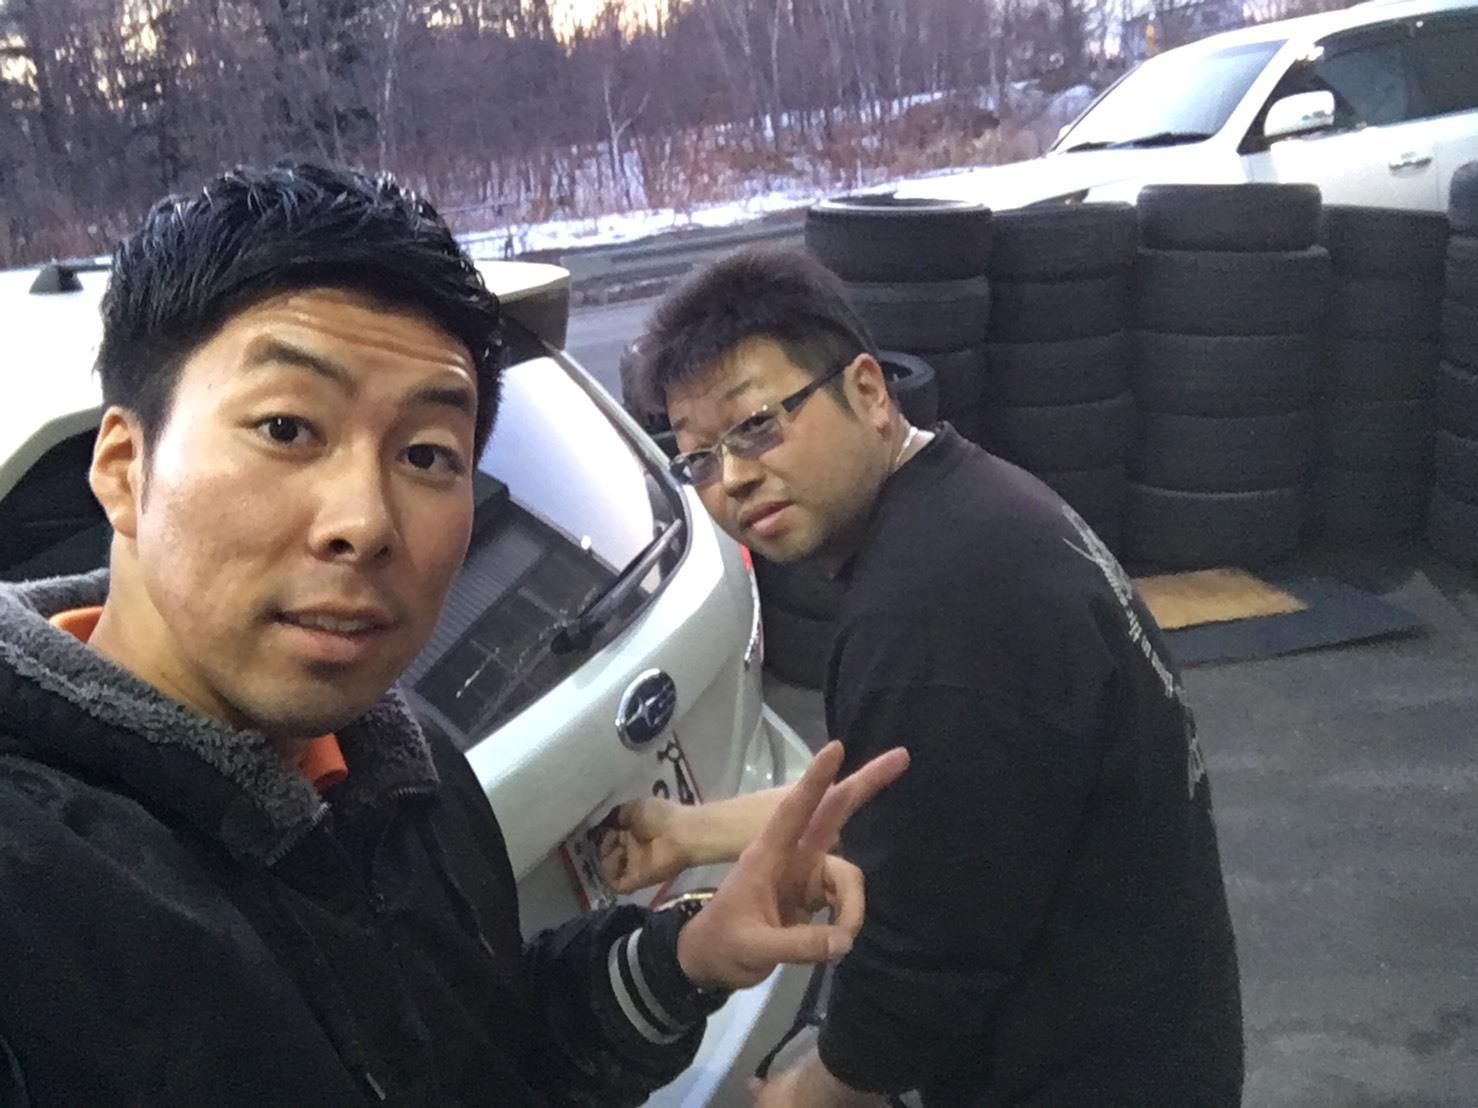 3月30日(金)トミーベース カスタムブログ☆S社様、新車のヴェルファイア到着☆カマロカスタム中☆_b0127002_10535192.jpg